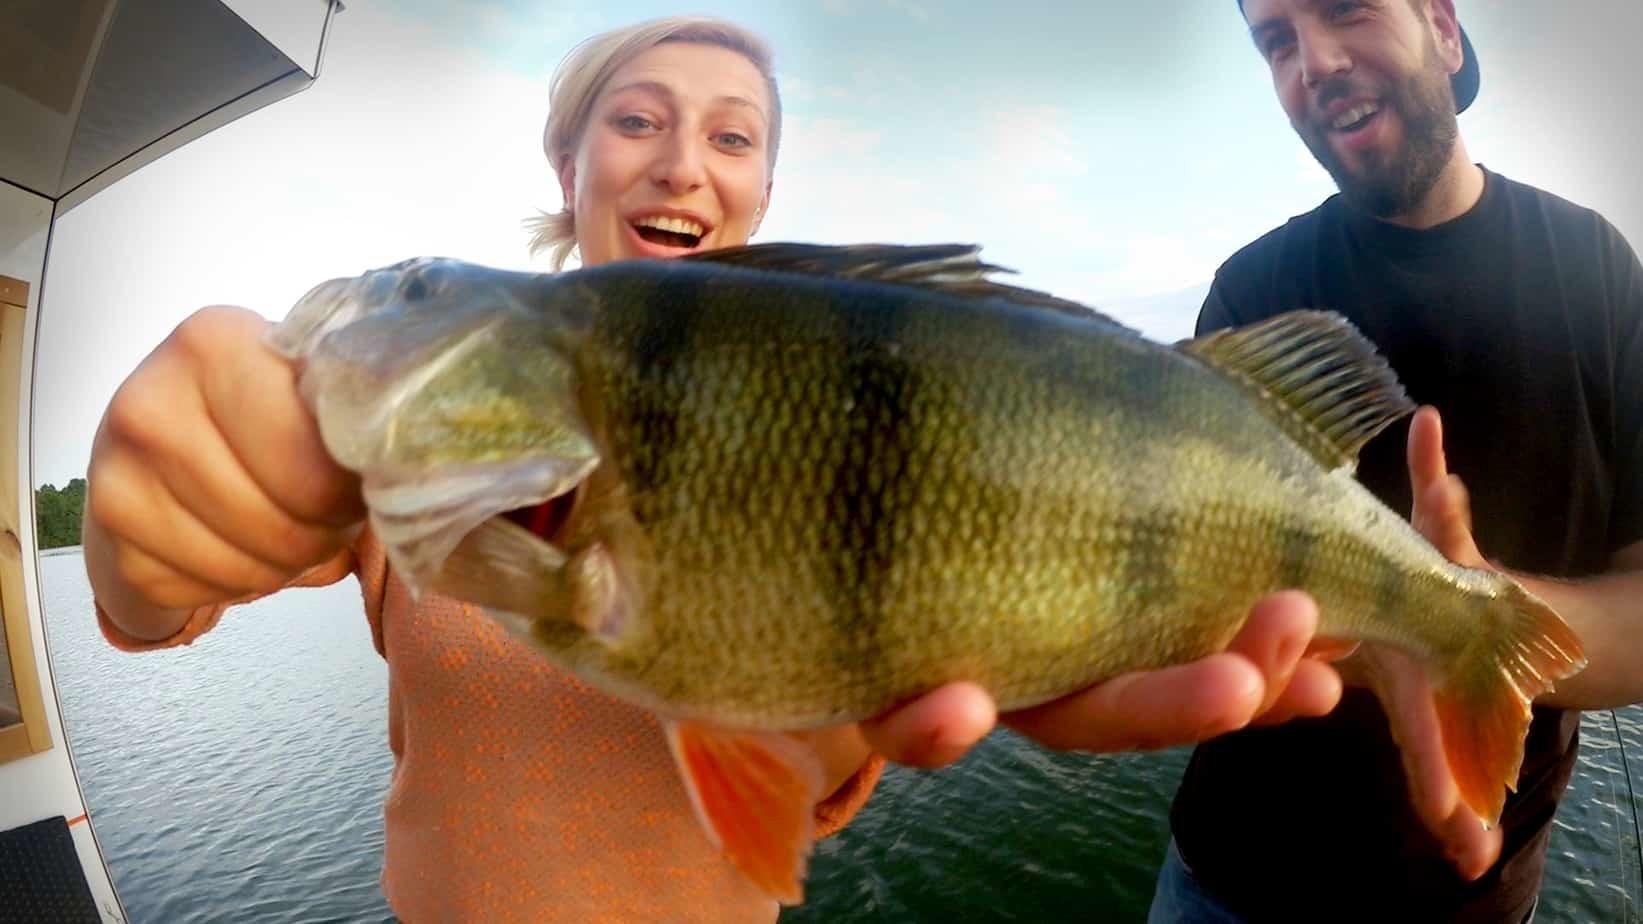 Fischerprüfung machen und angeln gehen